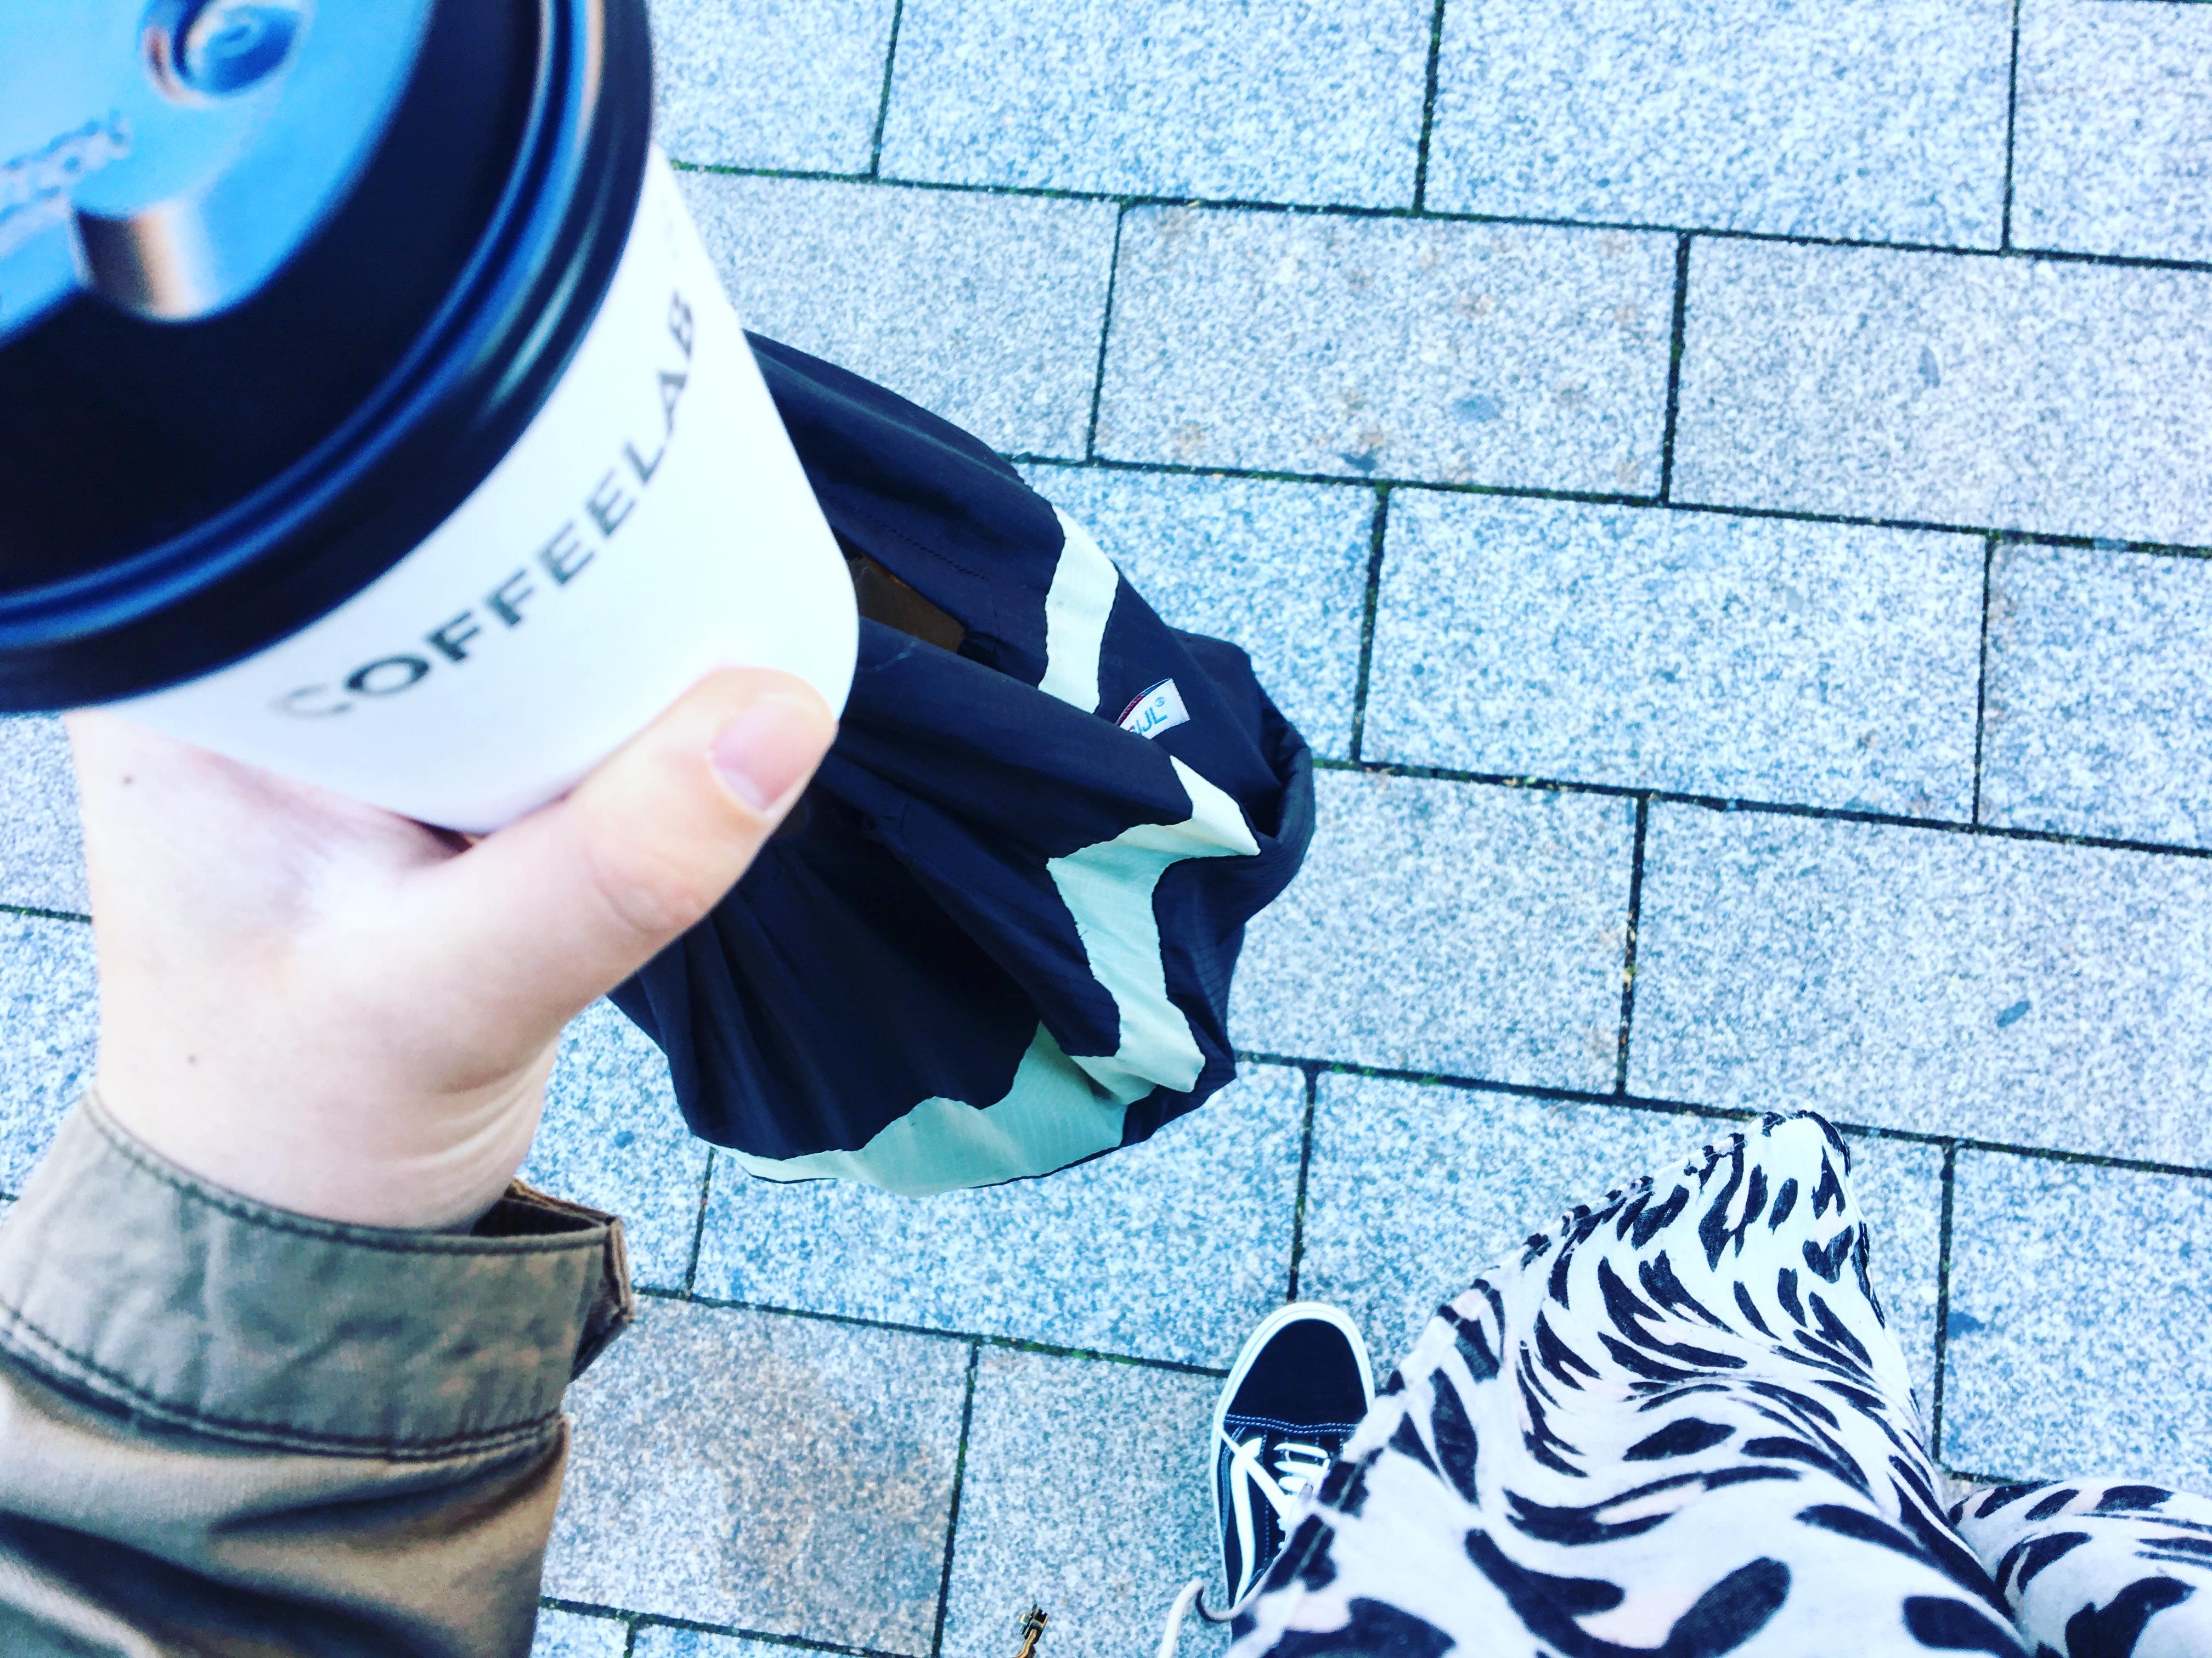 Snel een coffee-to-go en dan naar mijn werk